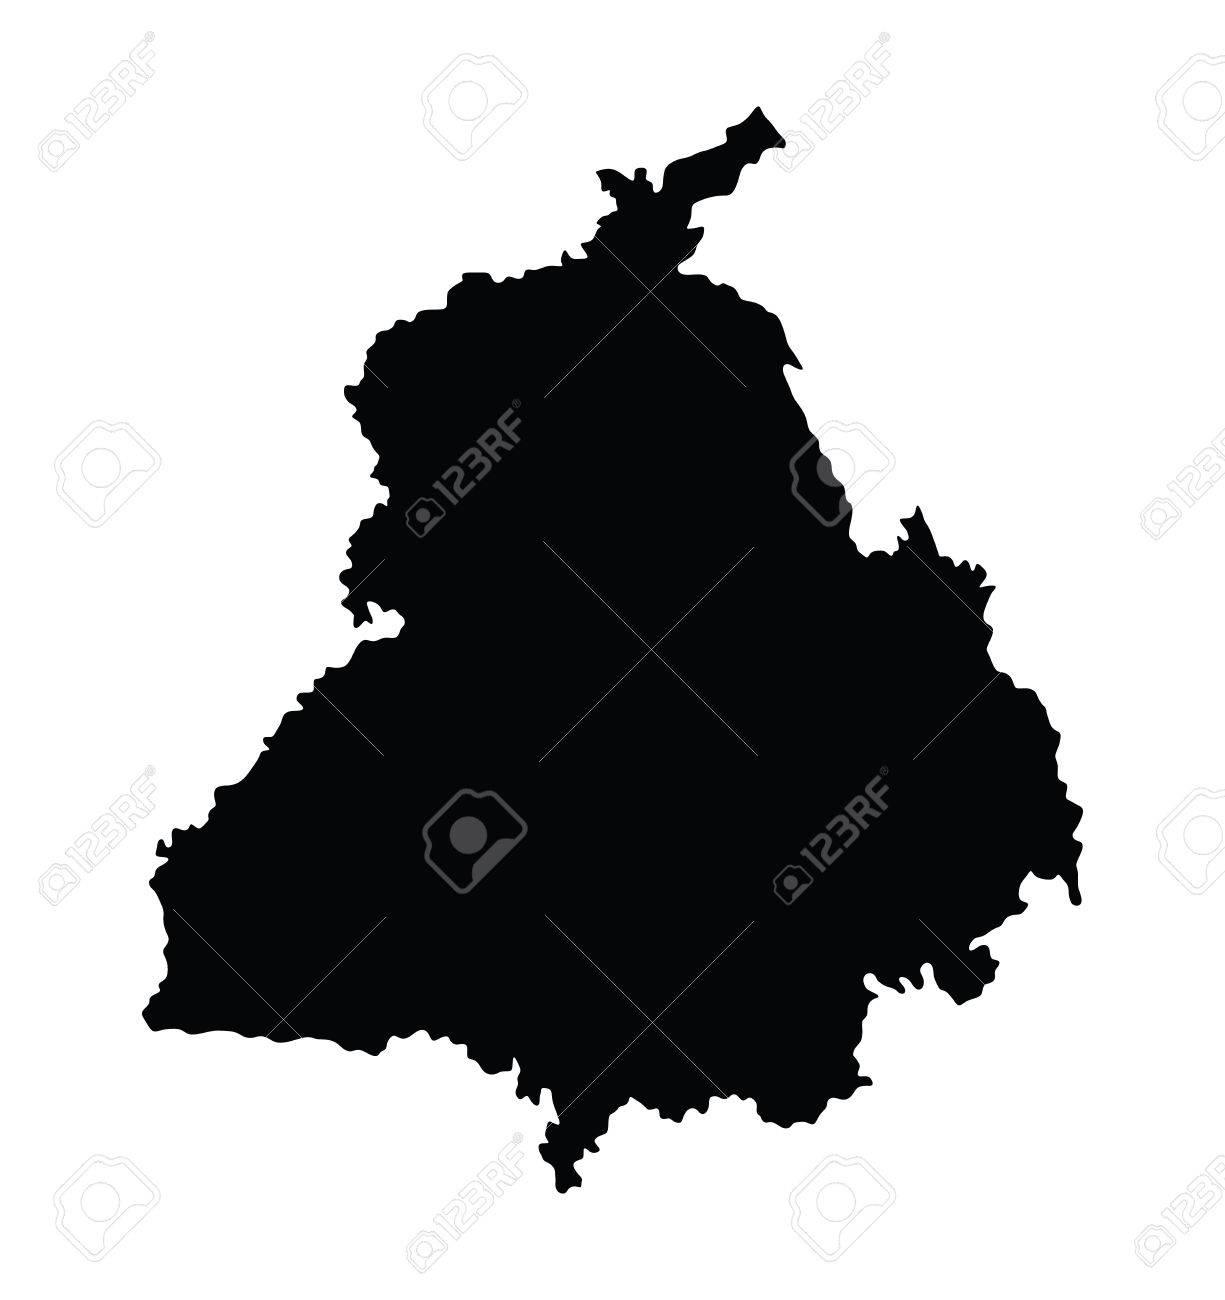 Carte Inde Punjab.Punjab Inde Carte Vectorielle Isole Sur Fond Blanc Illustration De Haute Silhouette Detaillee